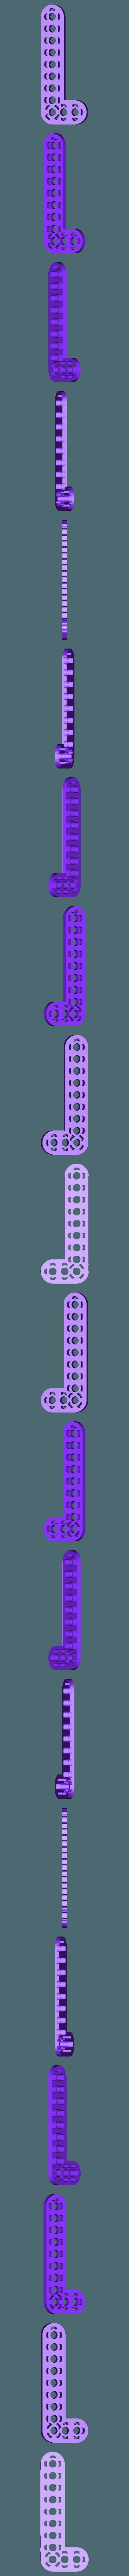 L_3_9.STL Télécharger fichier STL gratuit MEGA Expansion 200+ Pièces • Plan à imprimer en 3D, Pwentey